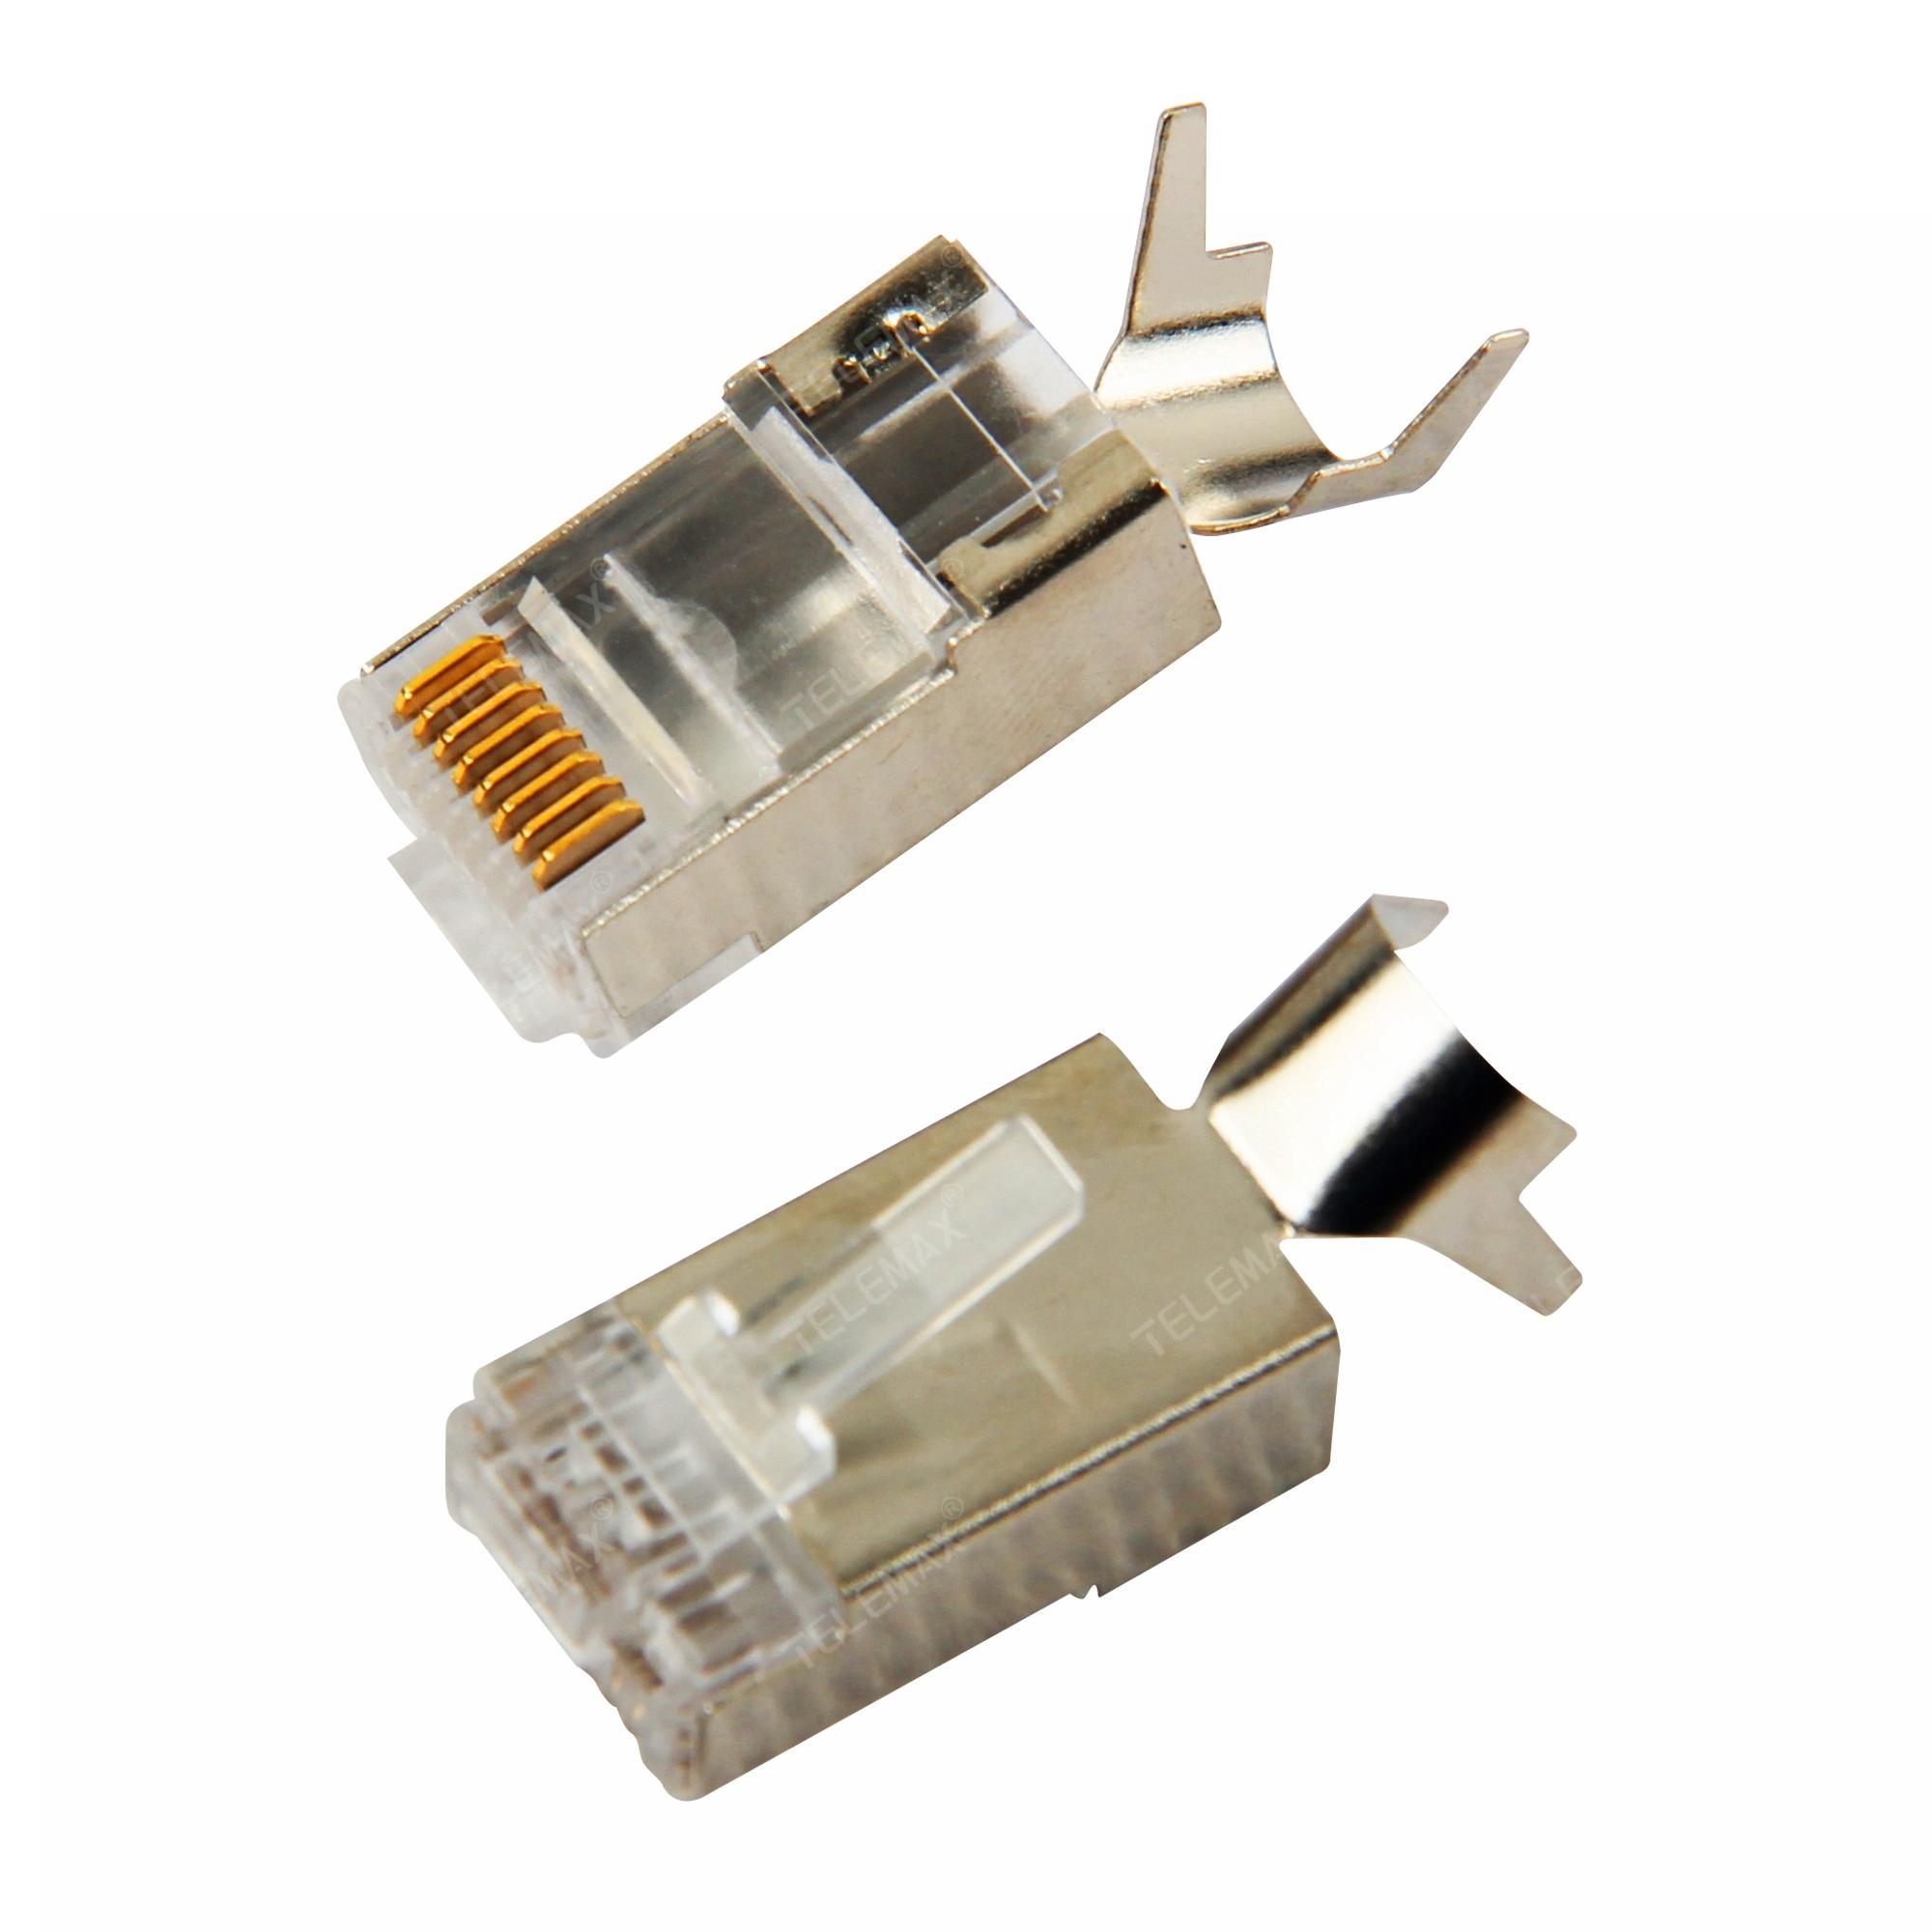 CAT7FTP RJ45 Plug 8P8C, Golden plating 50u'', Copper Pin